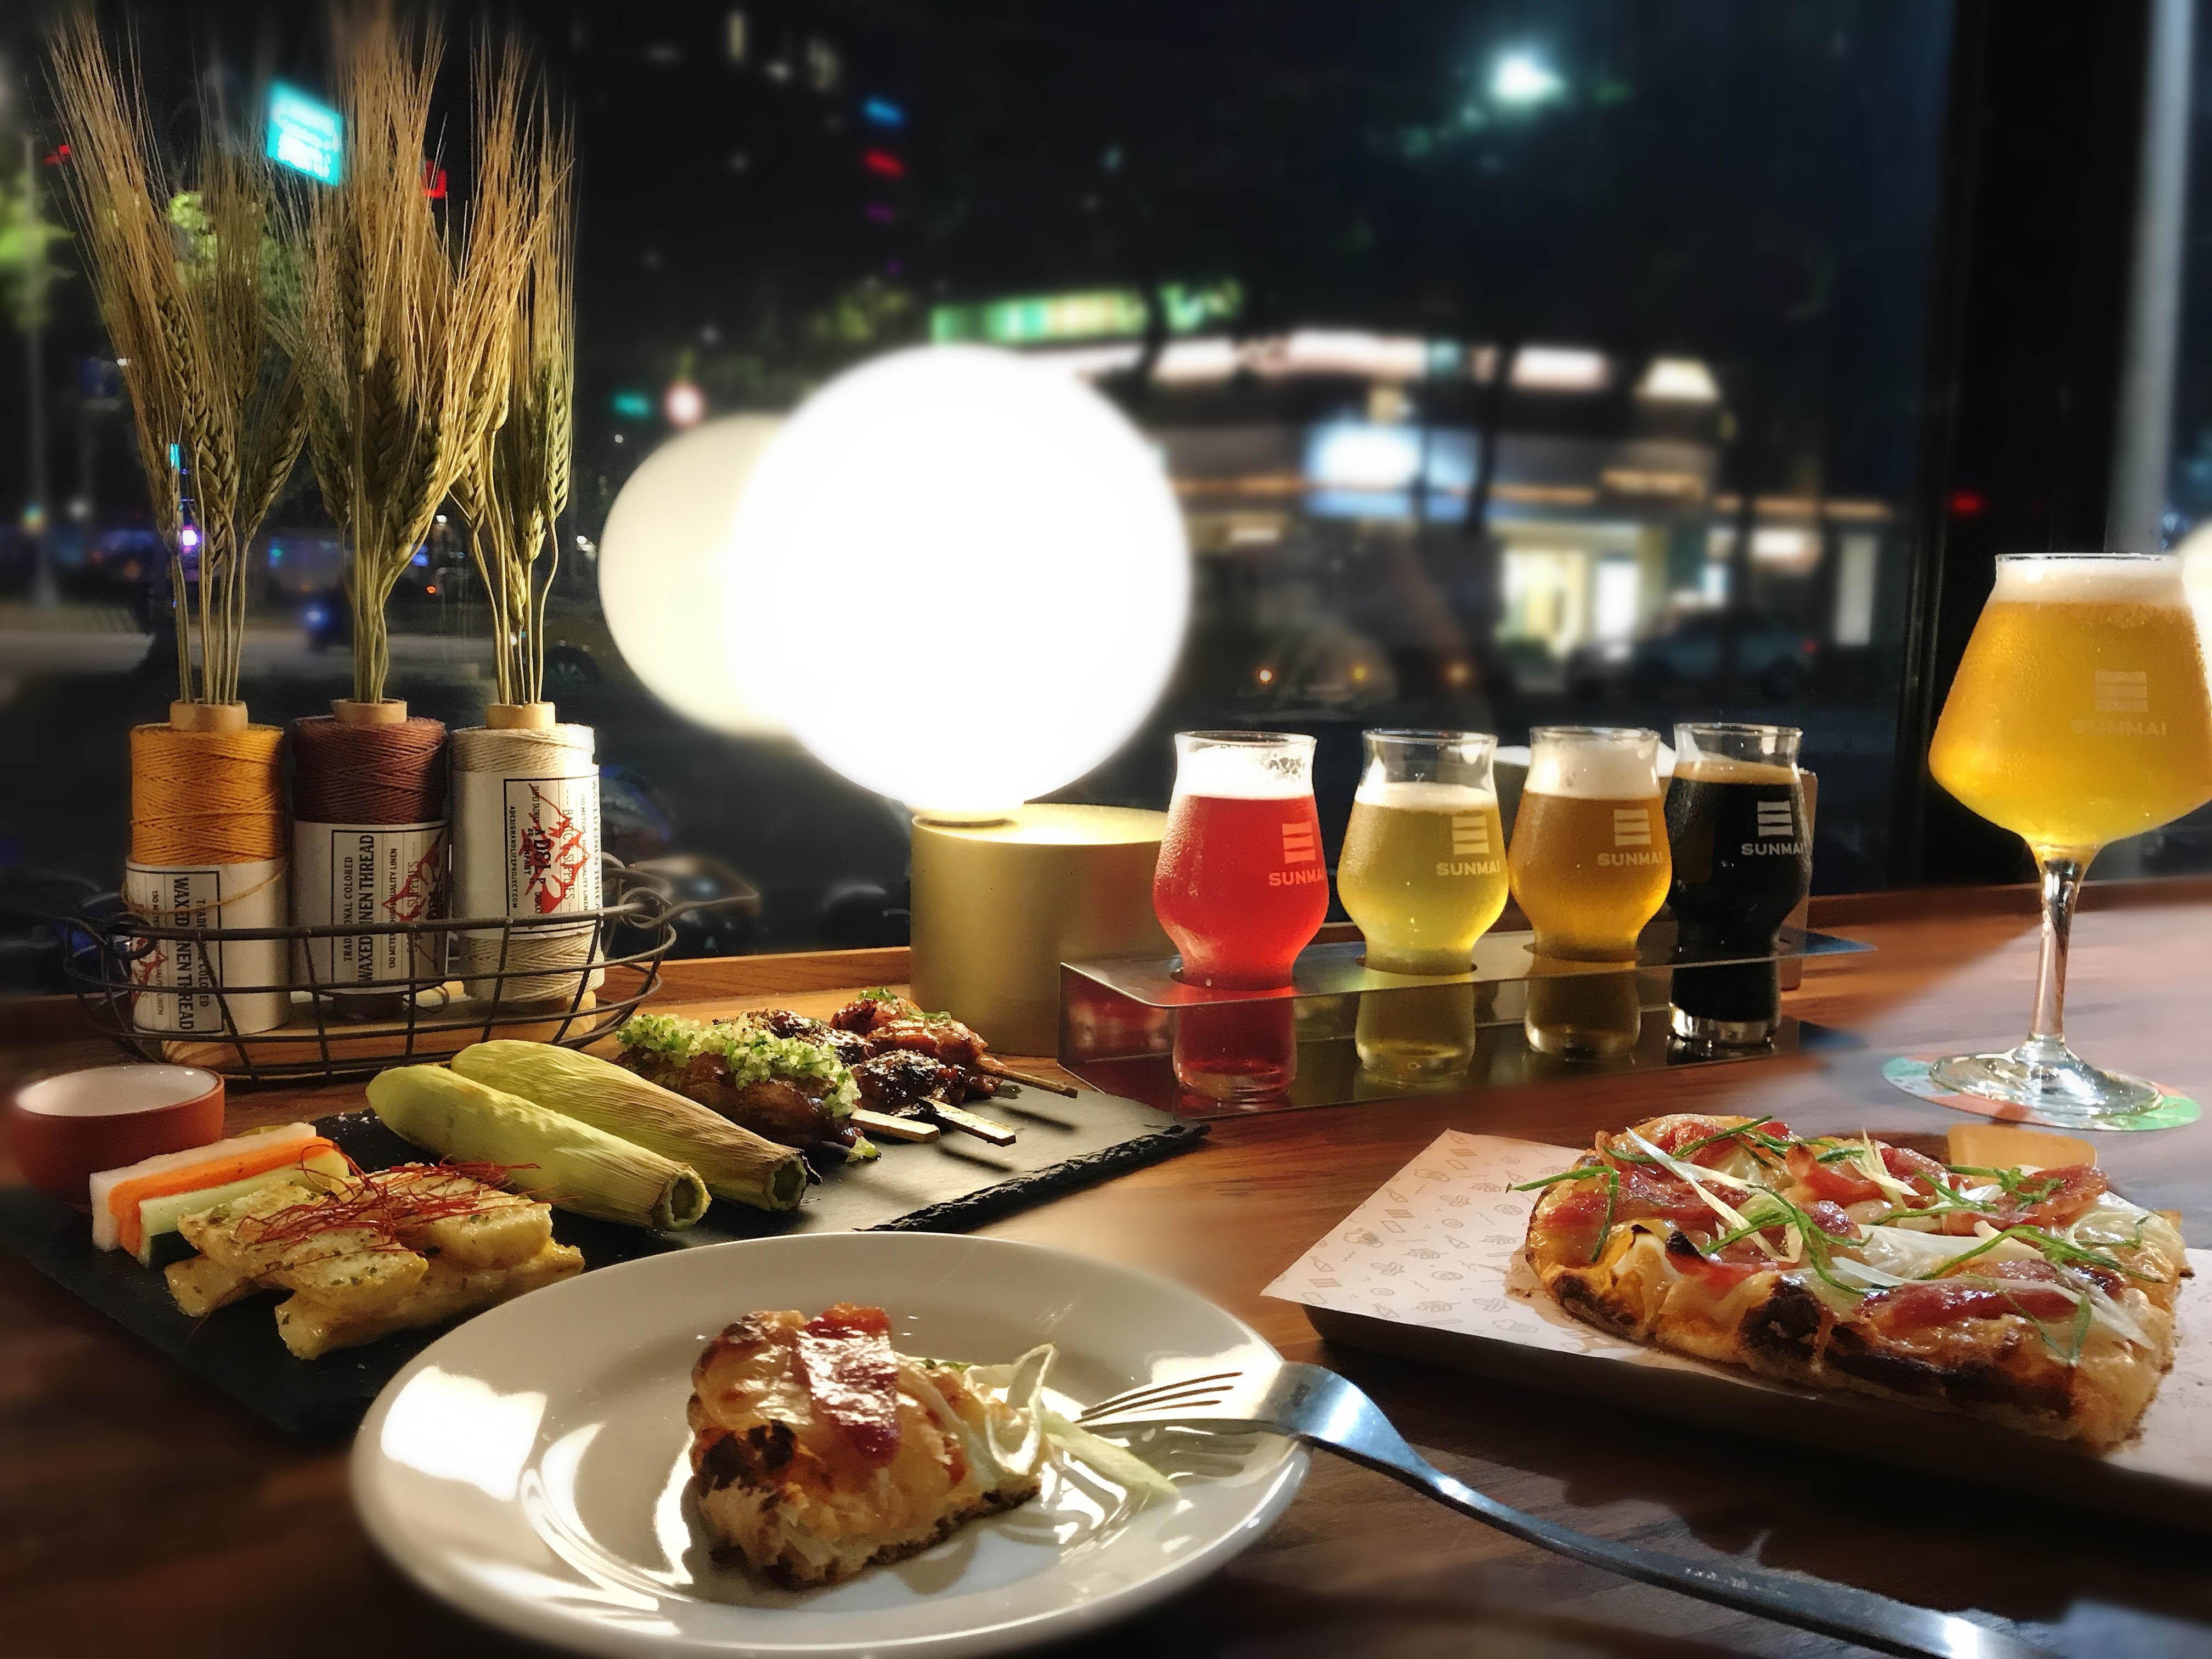 台北 安和 姊妹 暢聊 首選 SUNMAI BAR 金色 三麥 精釀 啤酒吧